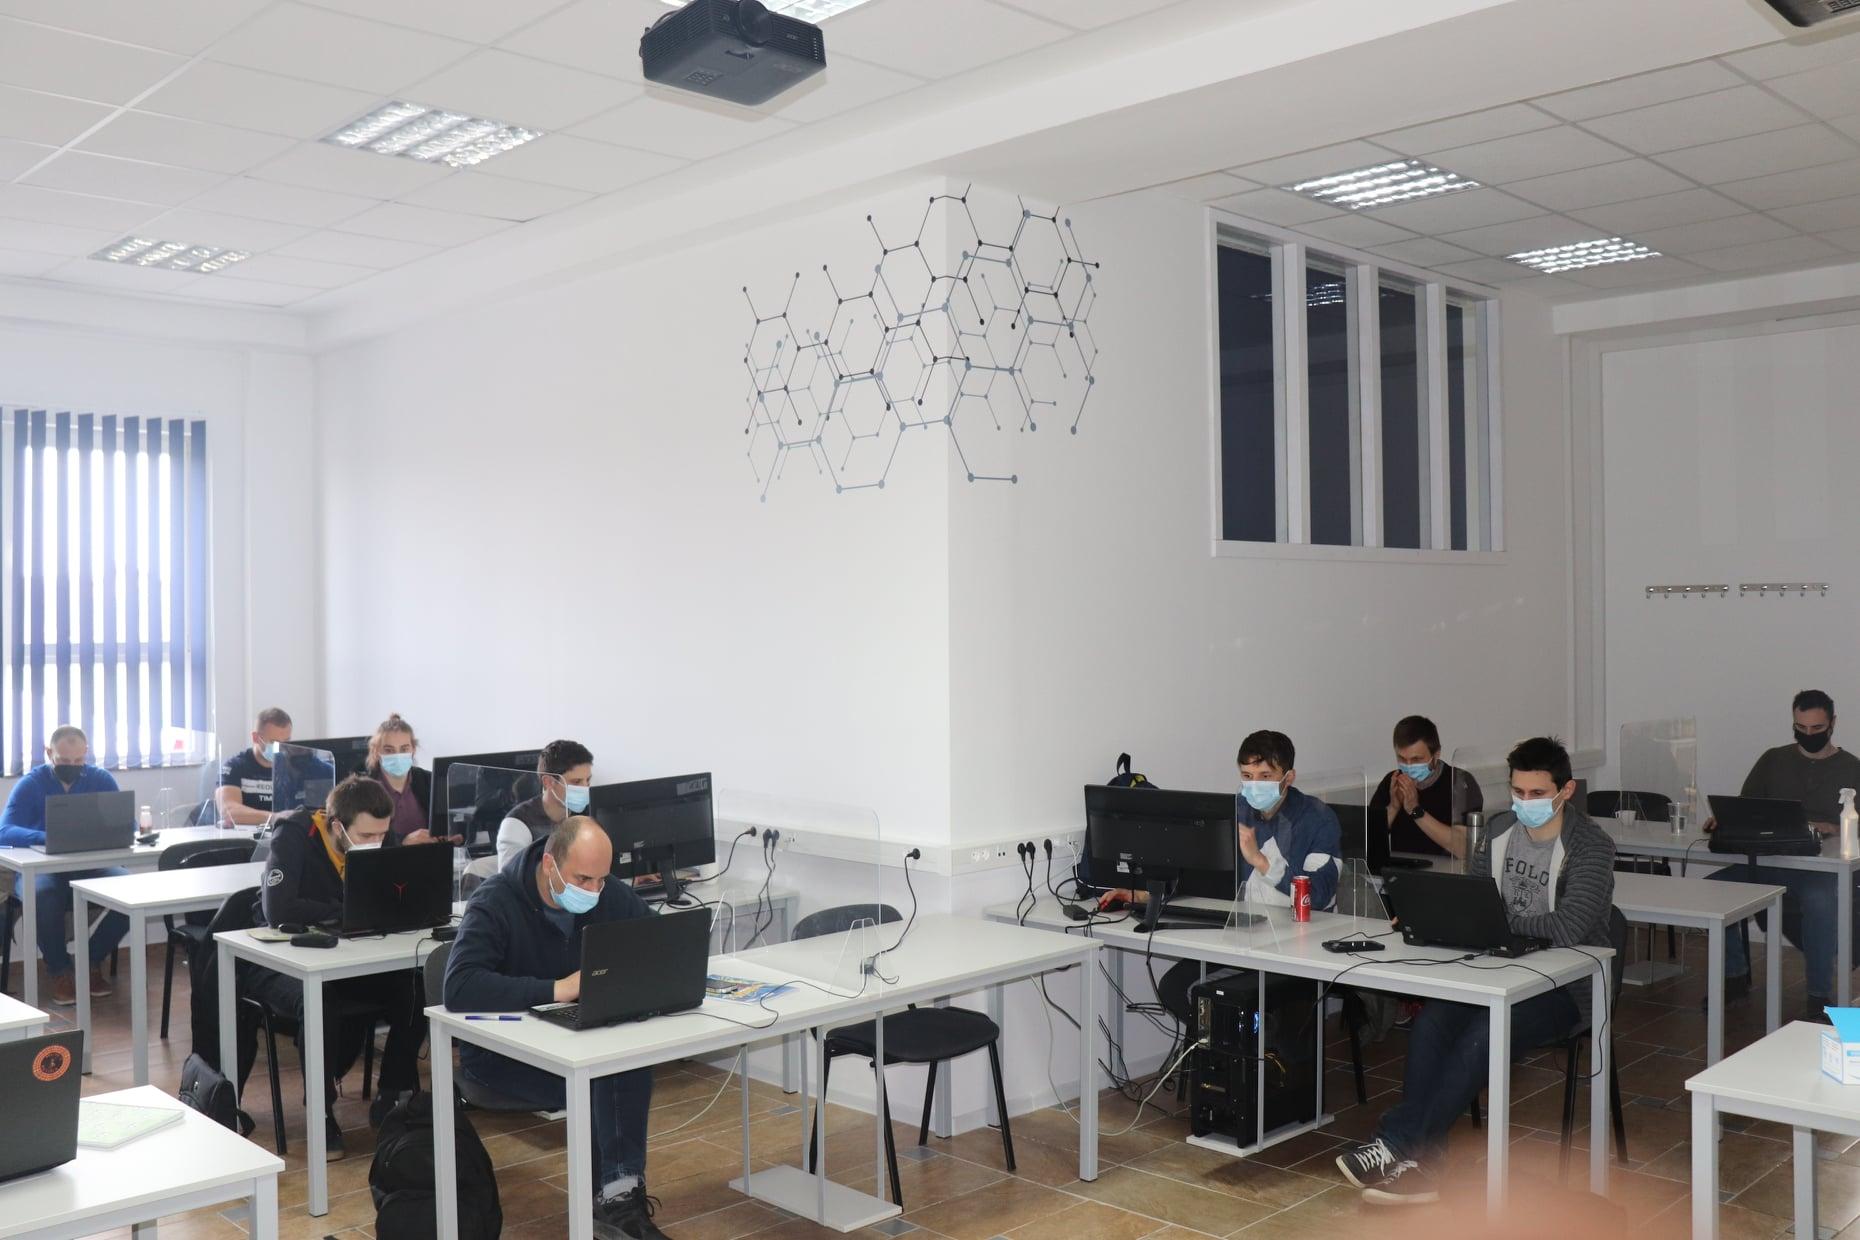 Prezentiran rad Centra umjetne inteligencije u Lipiku koji stvara vrijedne kadrove za budućnost